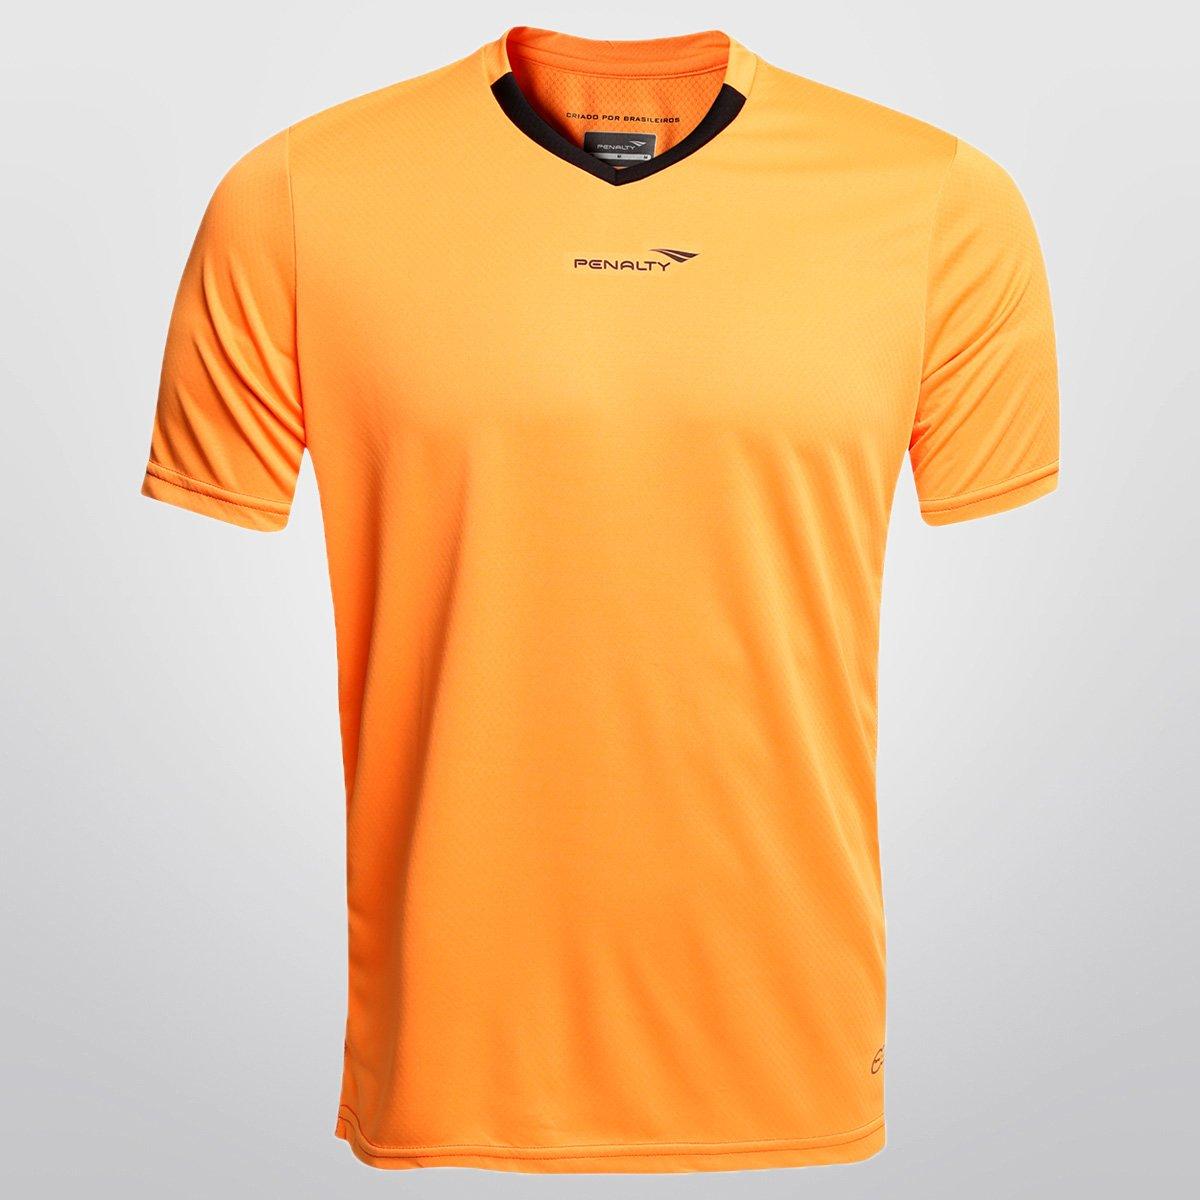 ad9a357ade Camisa Penalty - Compre Agora